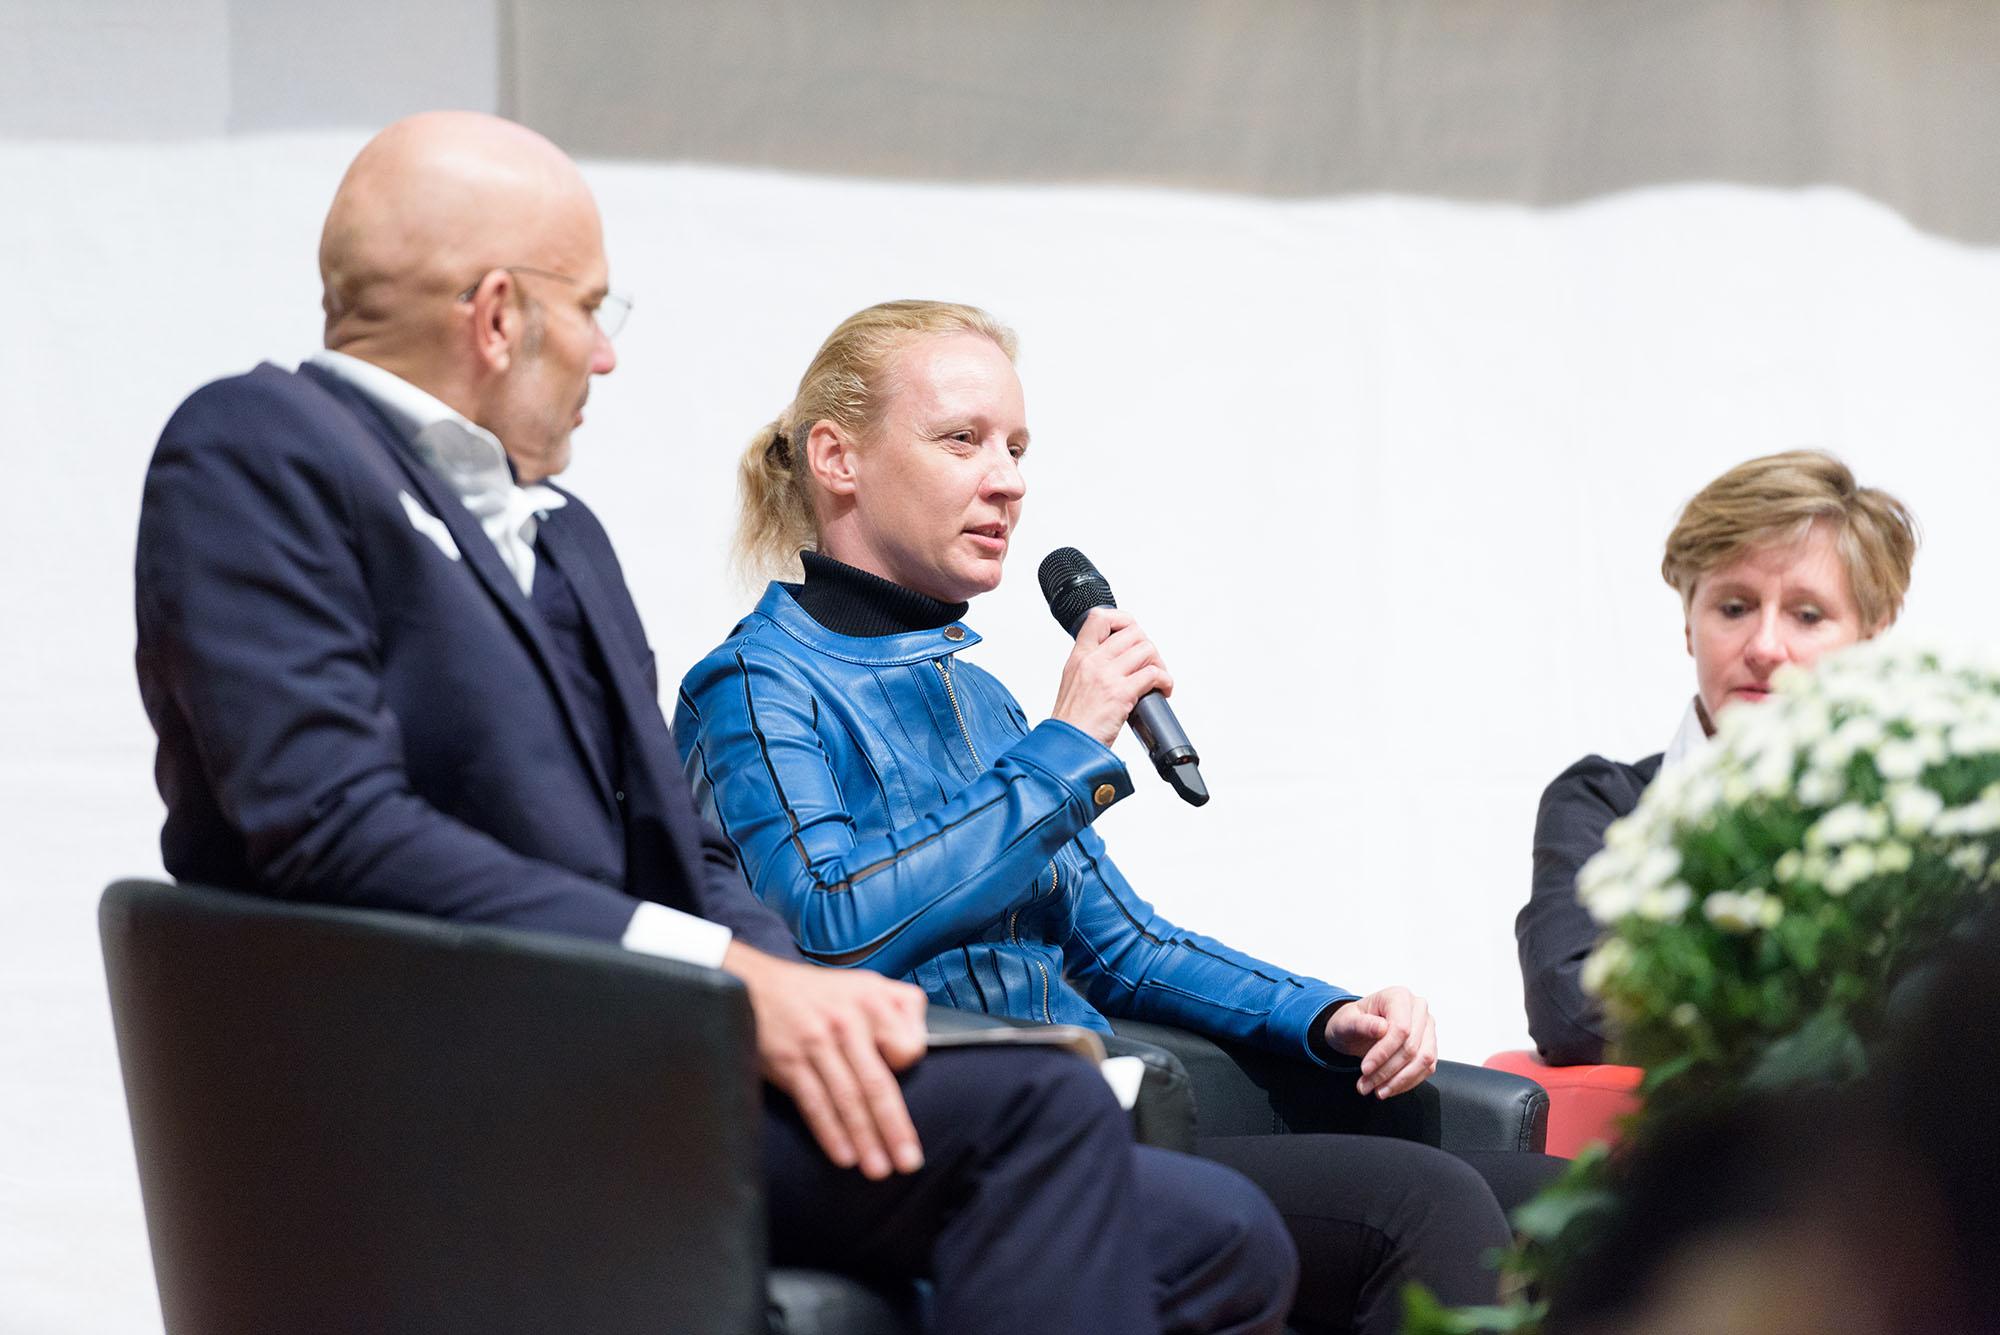 Max Schachinger, Denise Fessler, Katrin Muff